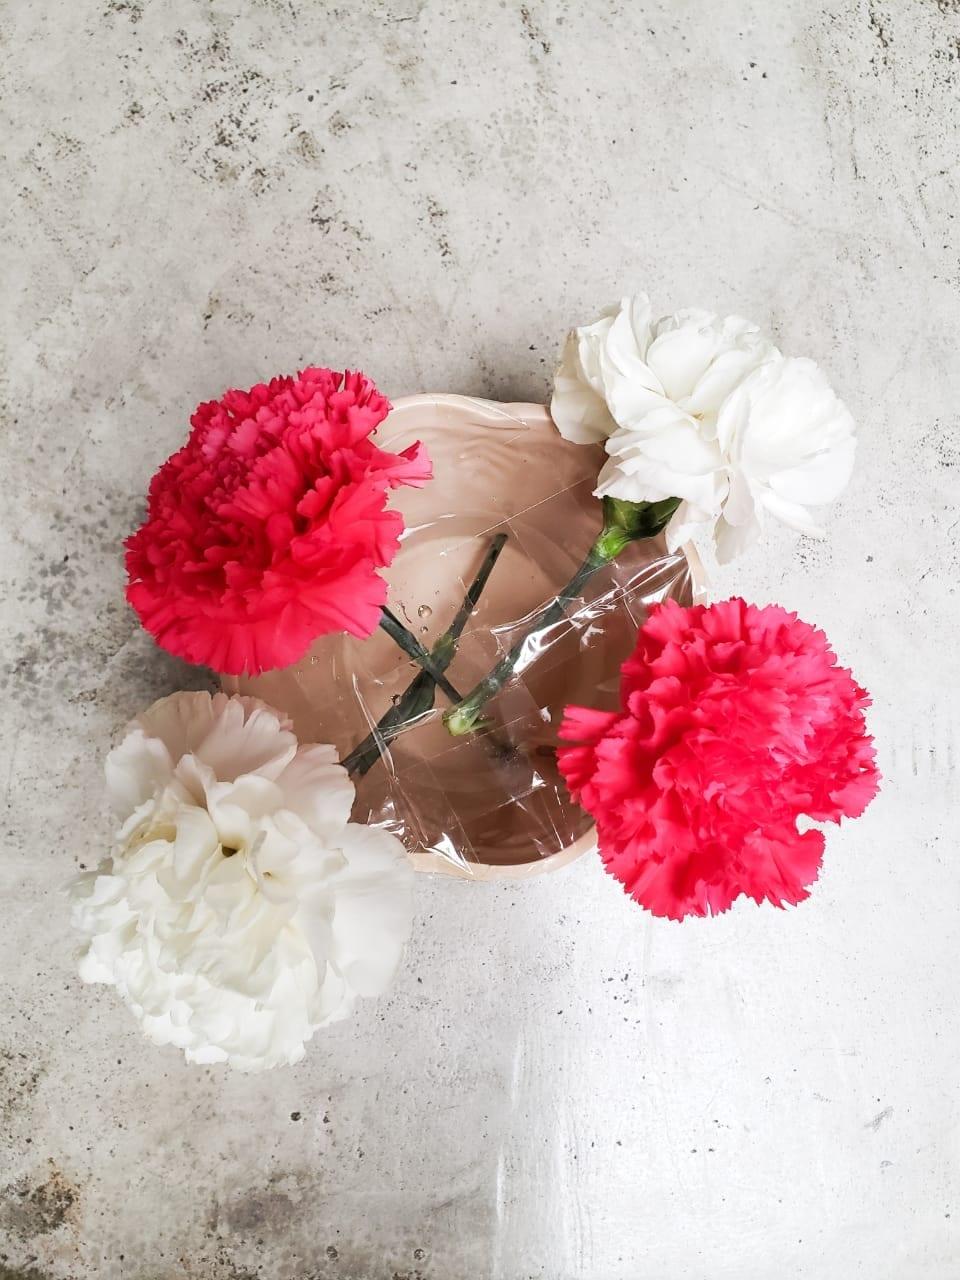 Mesa posta - como montar um vaso de flor fácil e simples